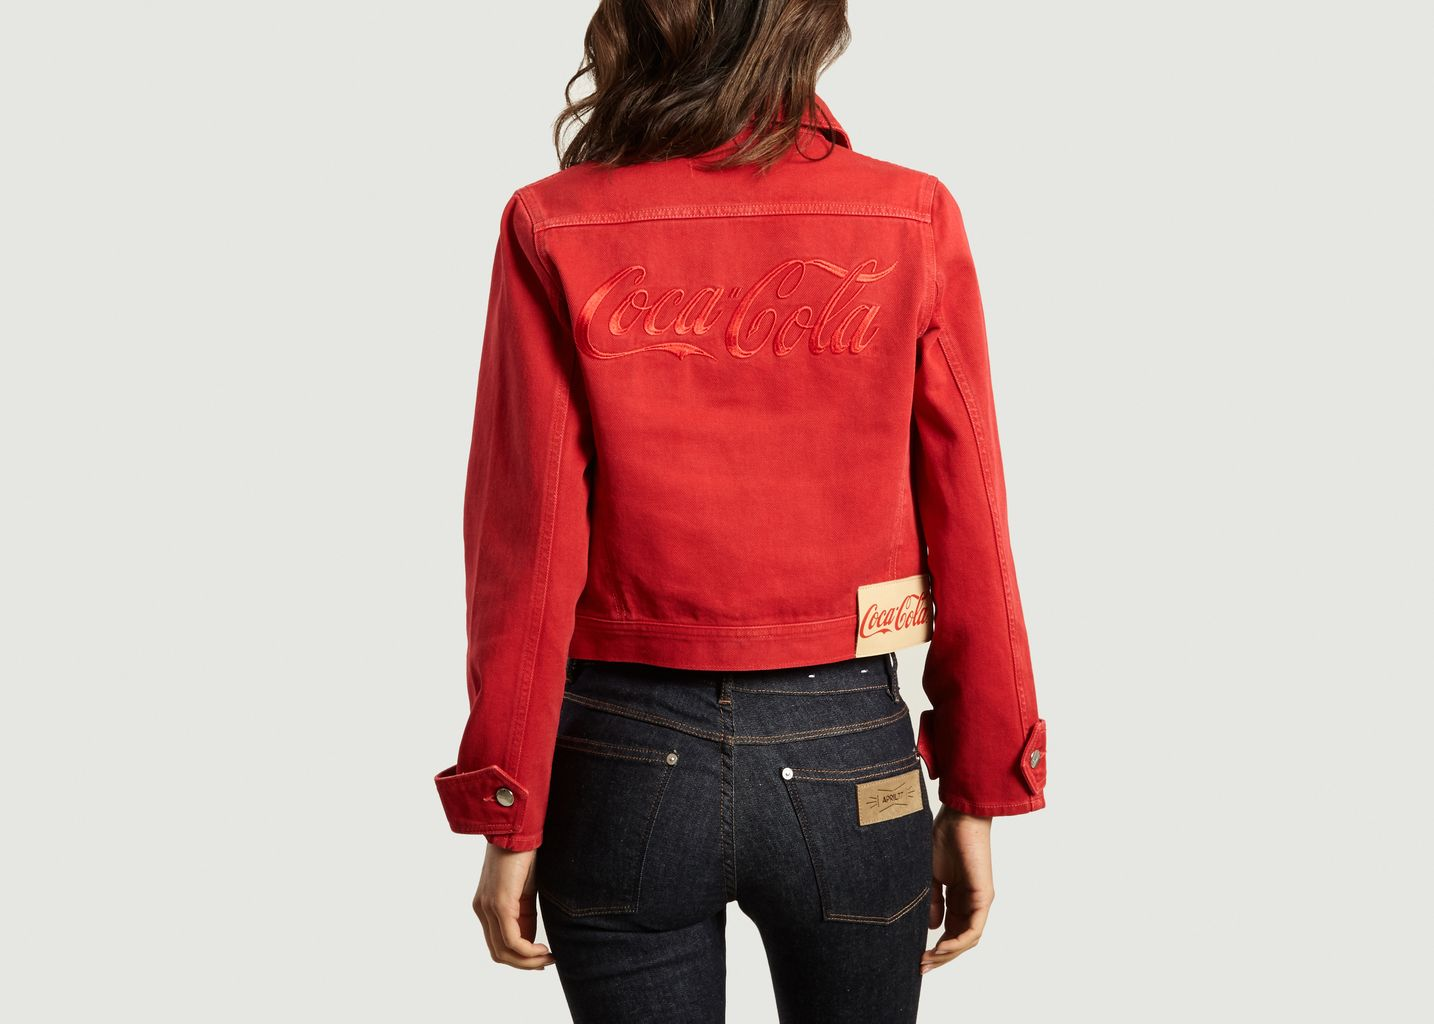 Veste Workwear Jour/Né x Coca Cola - Jour/né